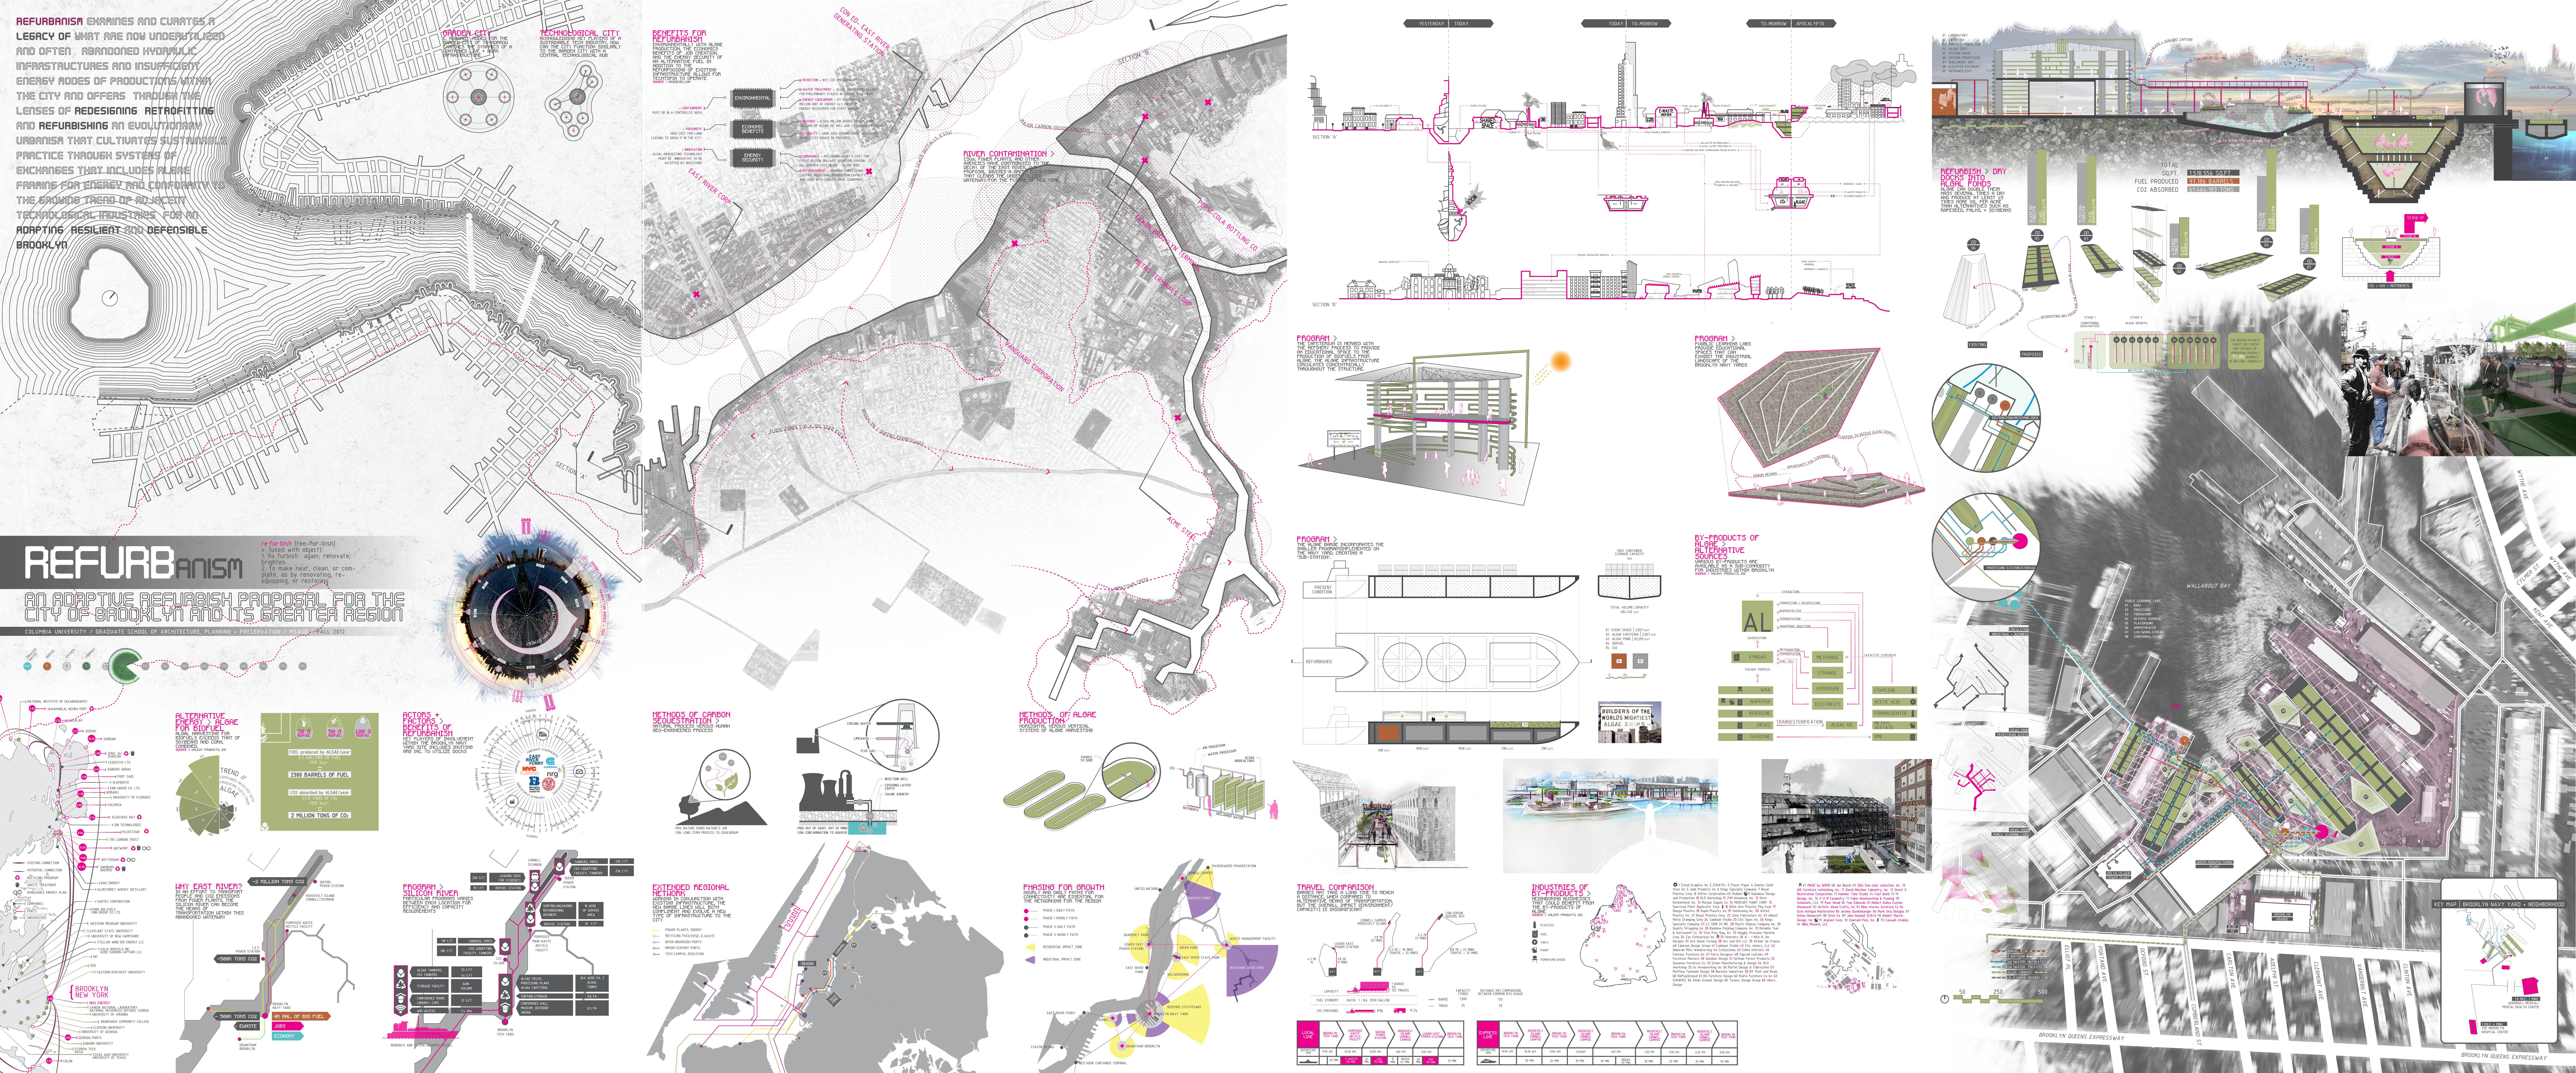 refurbanism presentation 10368 4320 arch pinterest urban design landscape. Black Bedroom Furniture Sets. Home Design Ideas